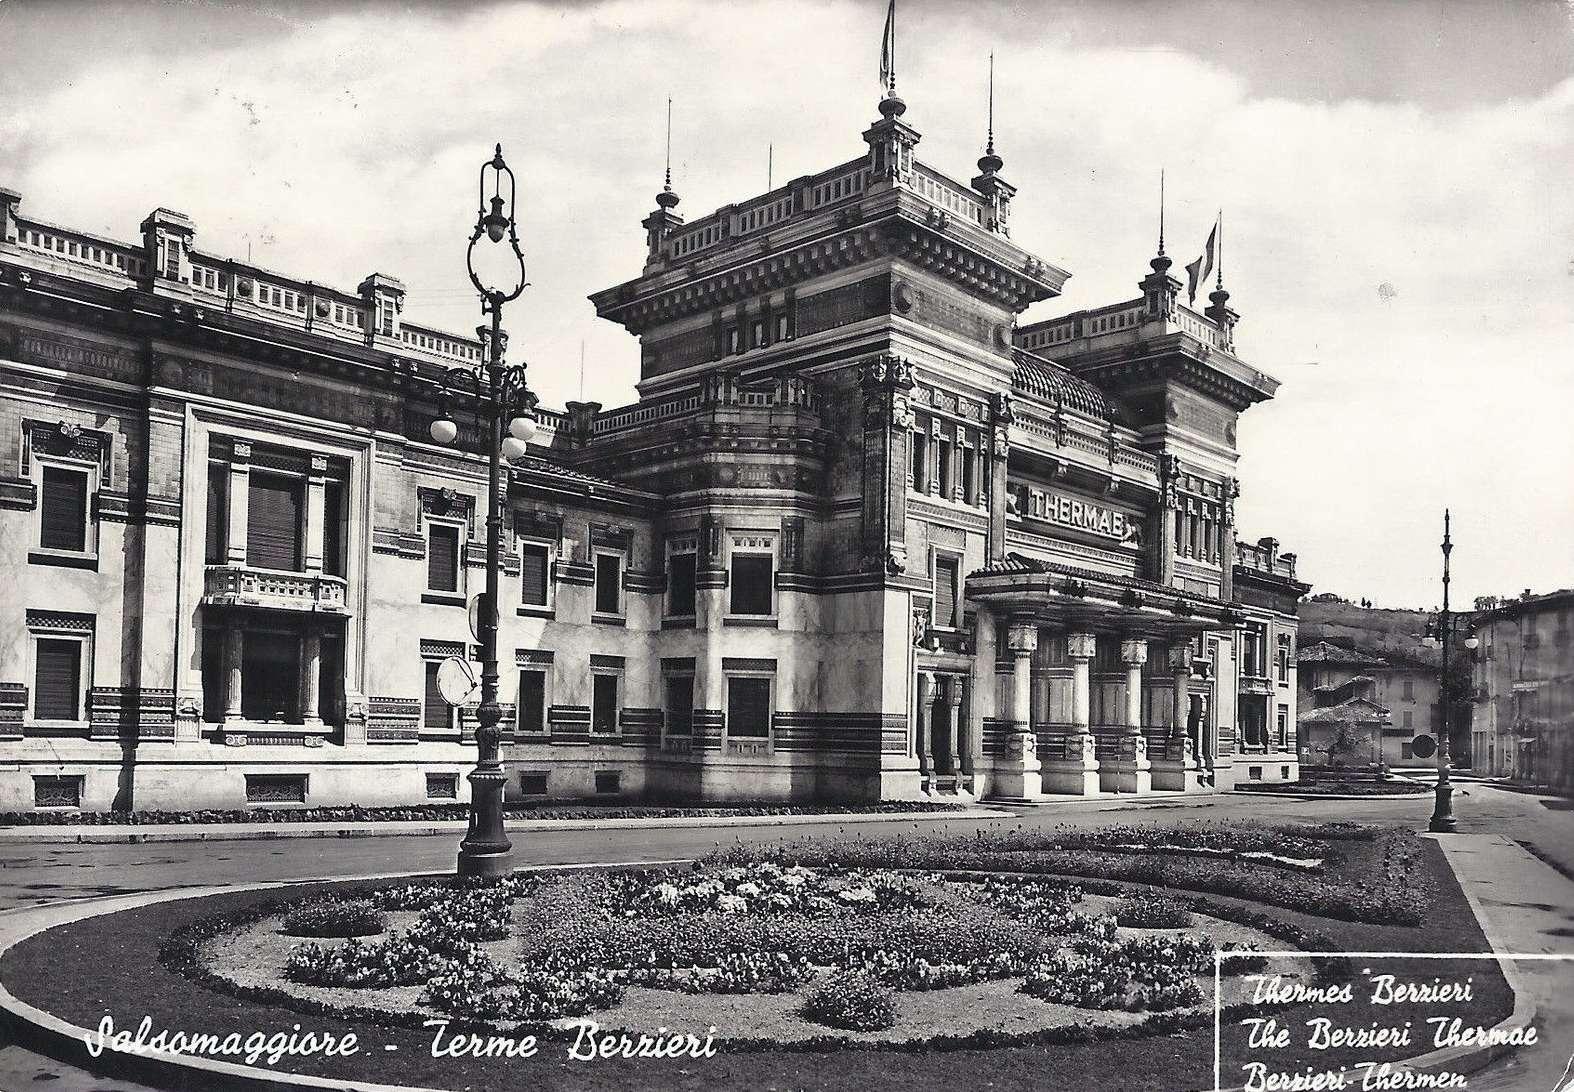 L'edificio liberty che ospita le Terme Berzieri con in primo piano uno dei candelabri monumentali di inizio '900, foto 1970